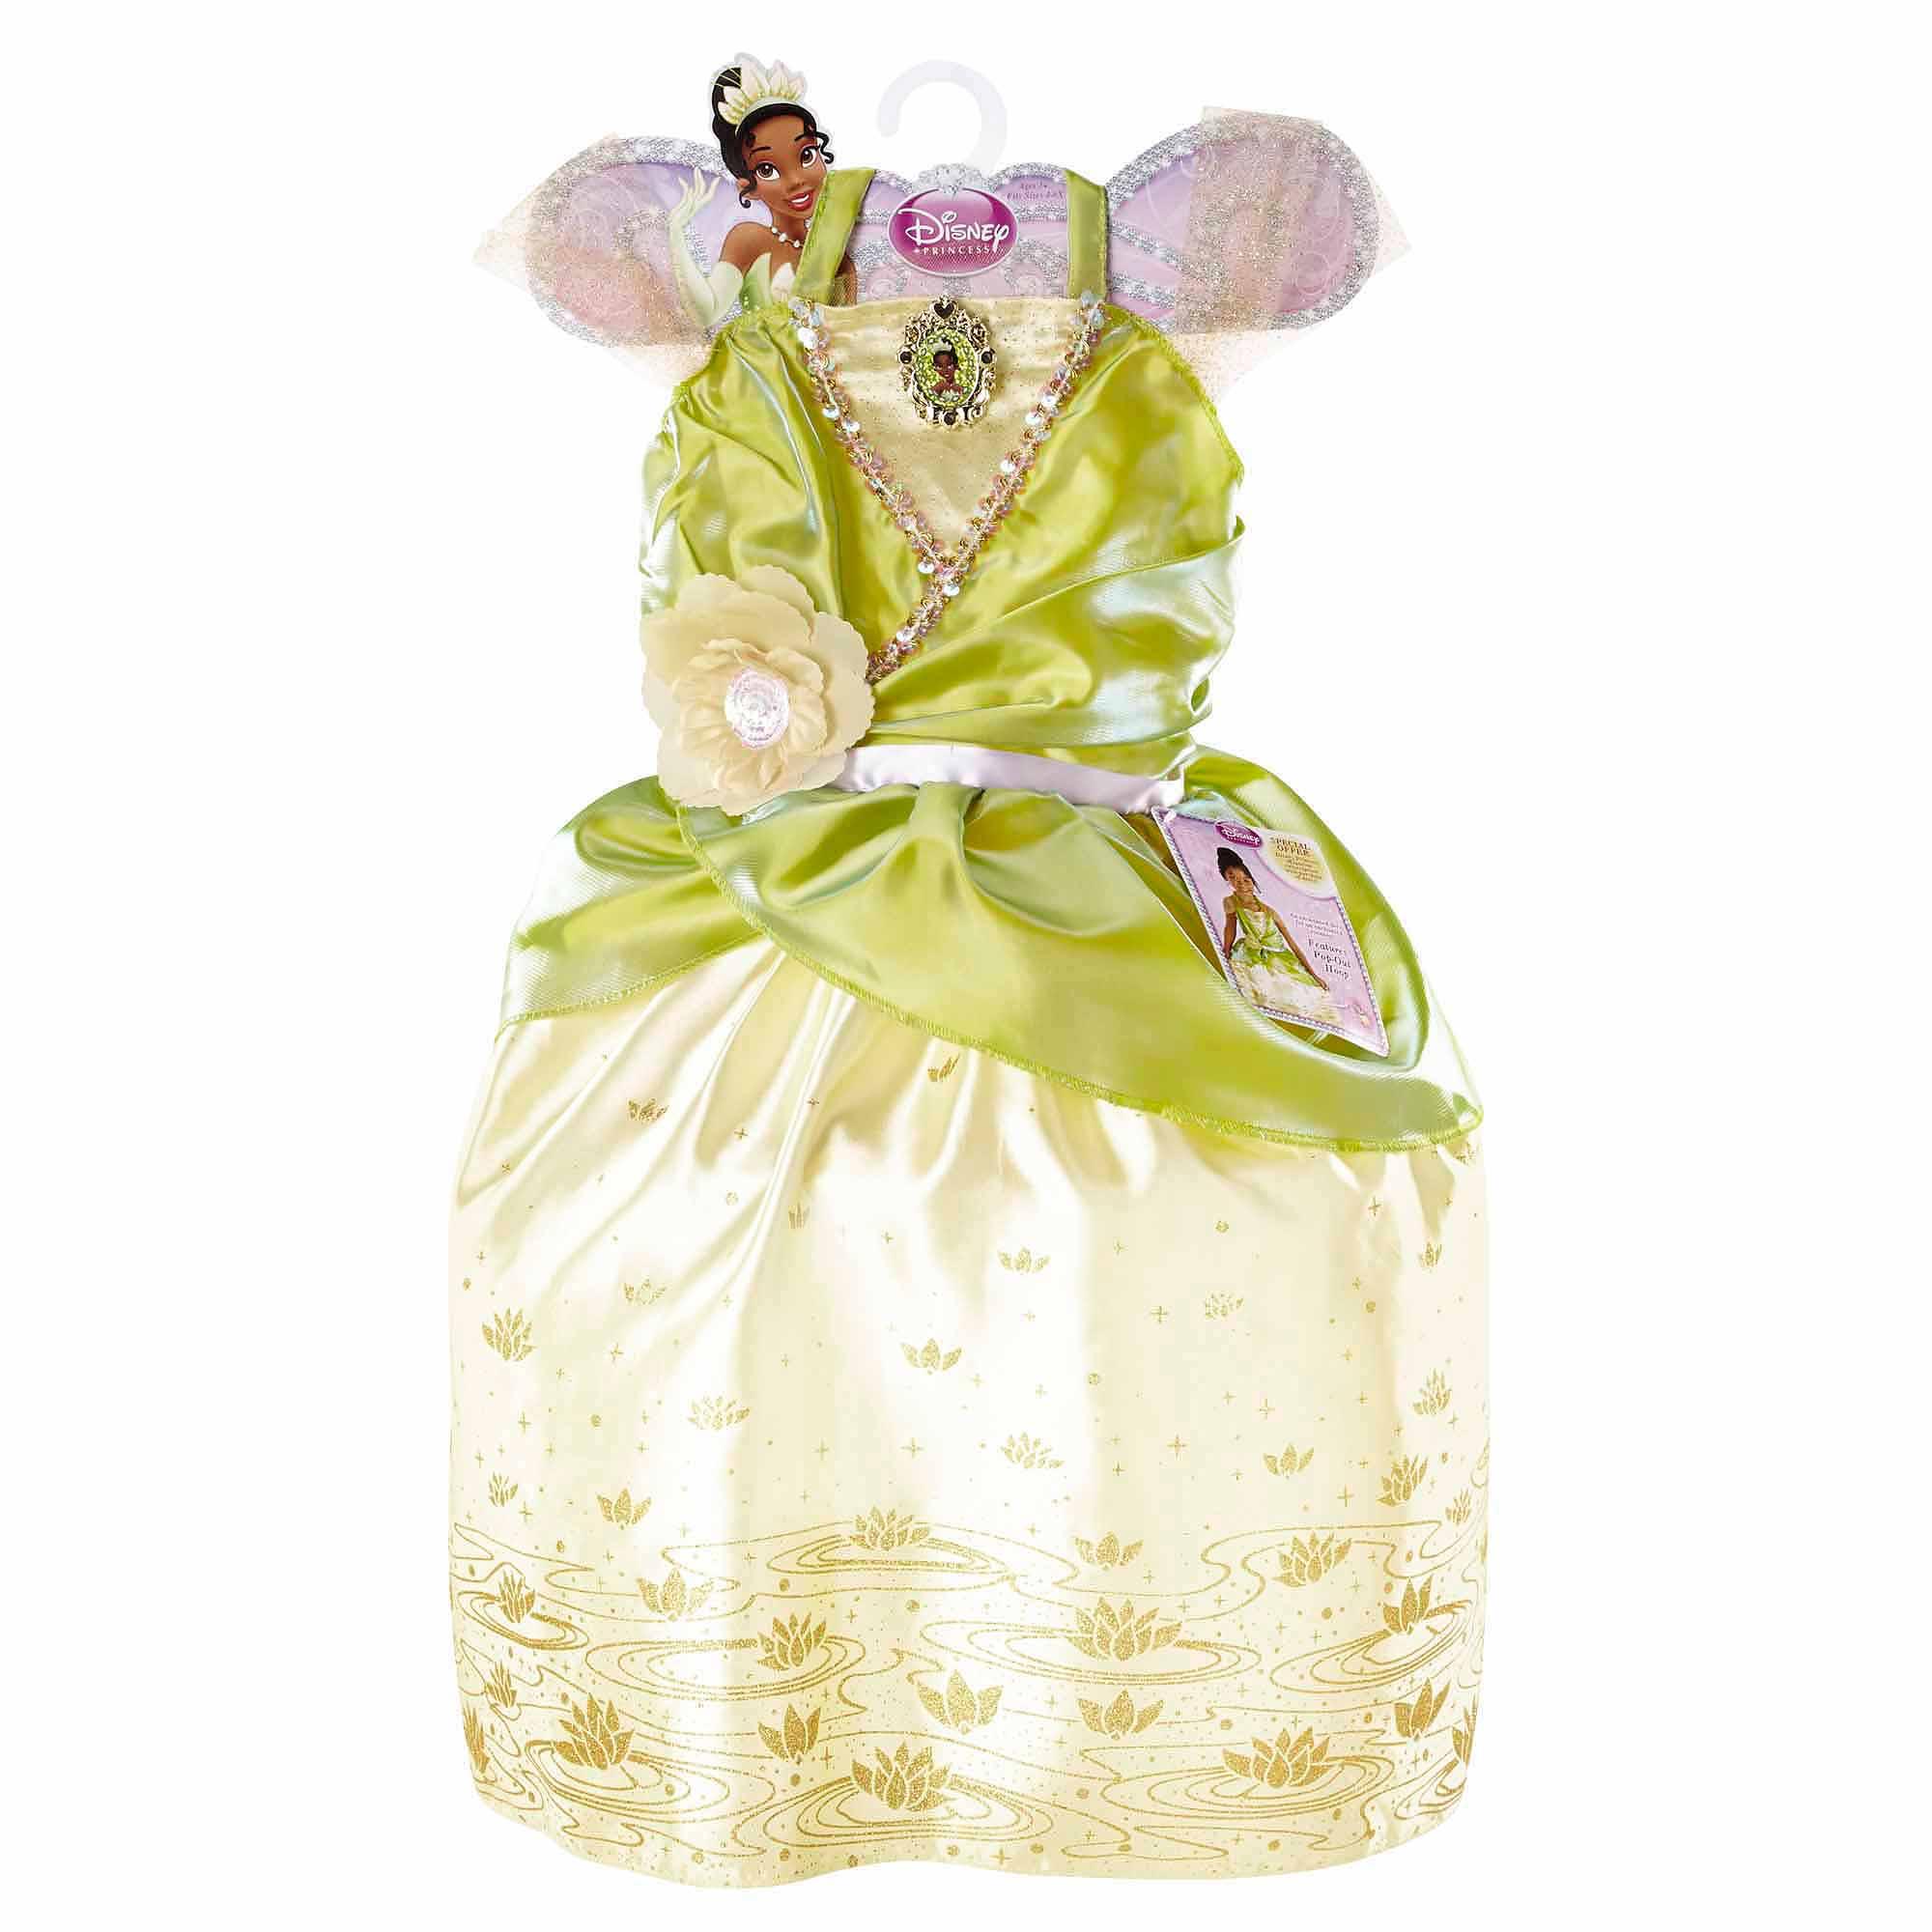 Disney Princess Enchanted Evening Dress, Tiana by